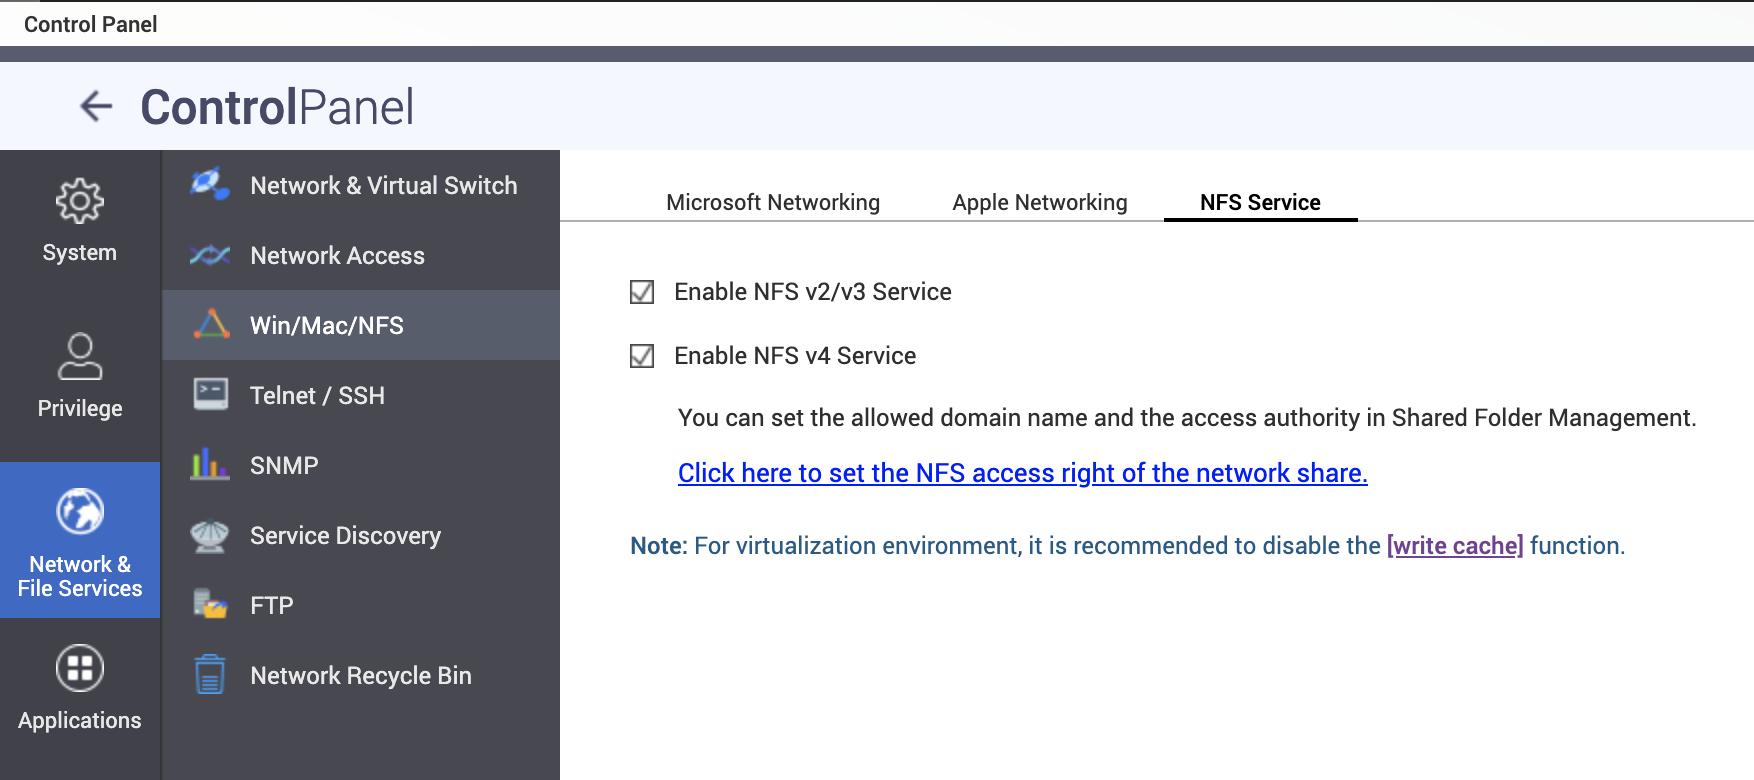 NFS Service